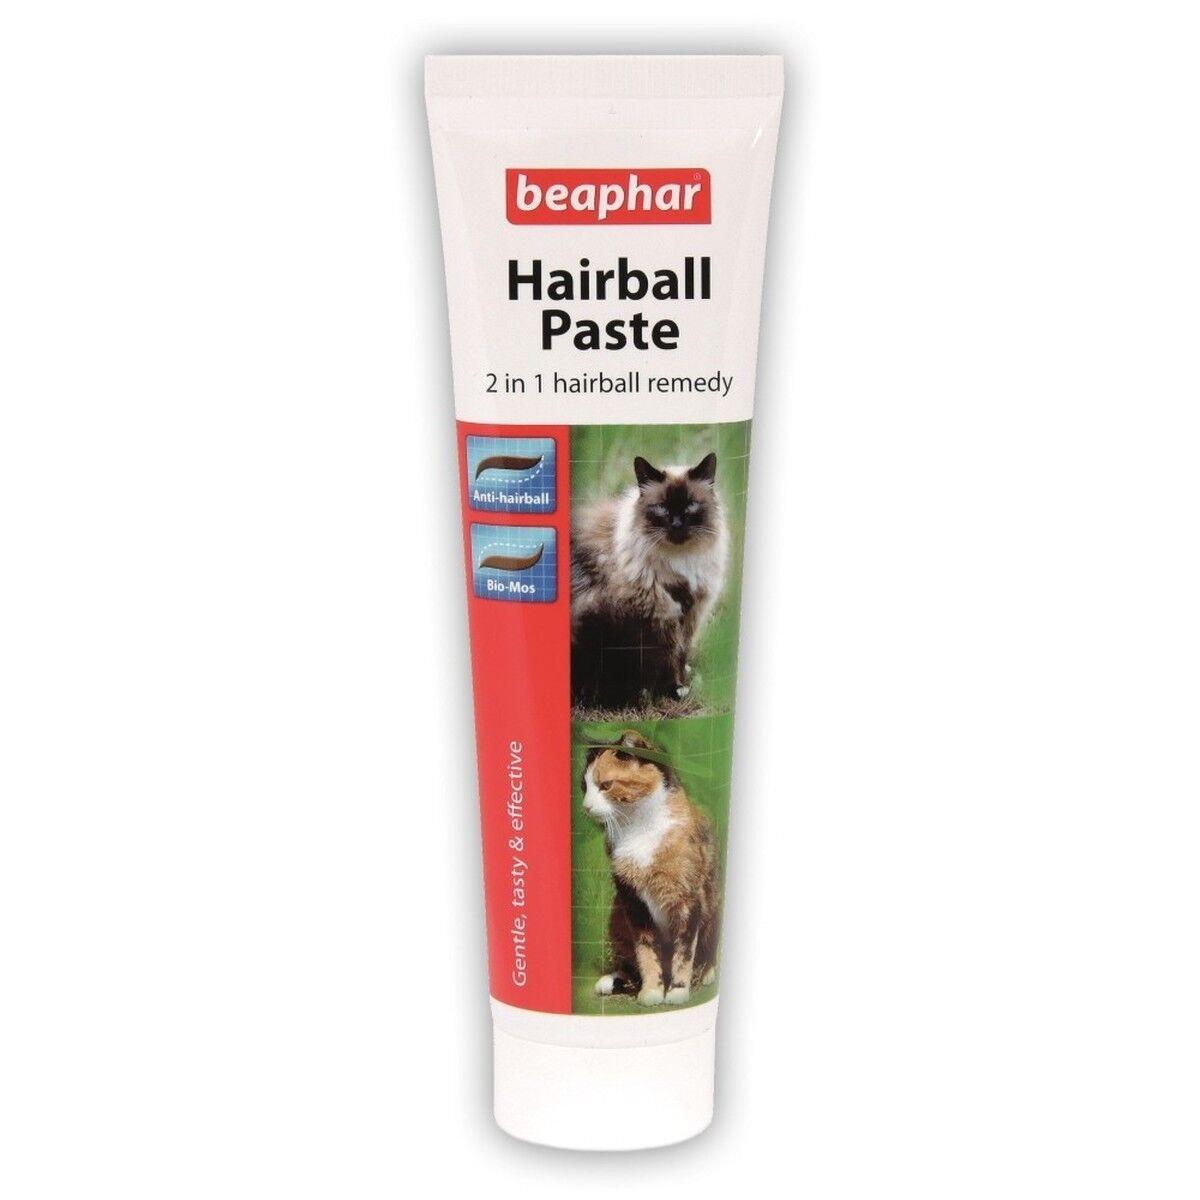 Beaphar 2 in 1 Hairball Paste For Cats 100g Special Bulk Buy Deals